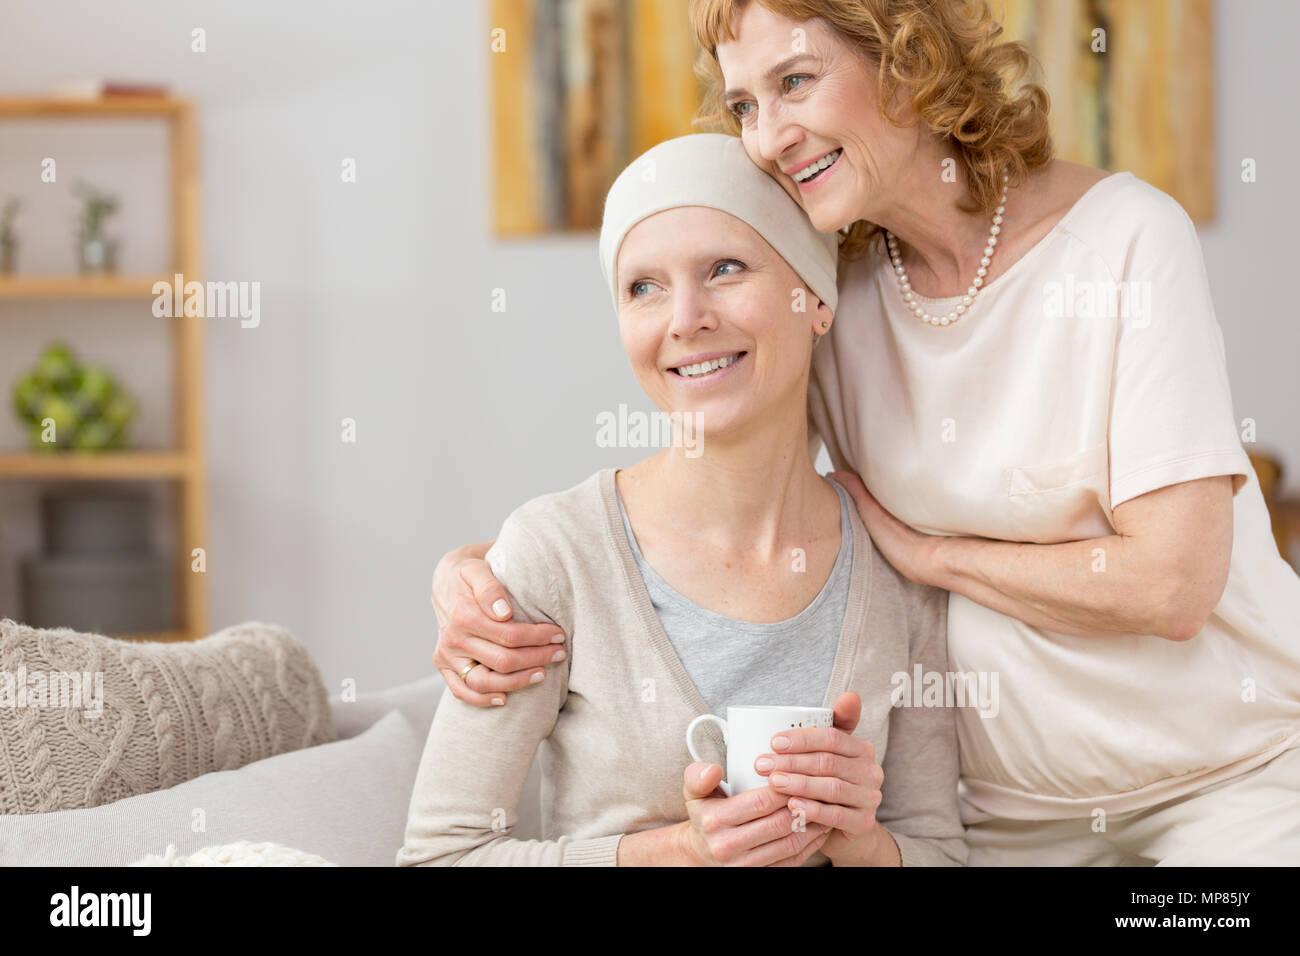 Femme heureuse avec écharpe aux prises avec la maladie avec l'aide de sa maman Photo Stock